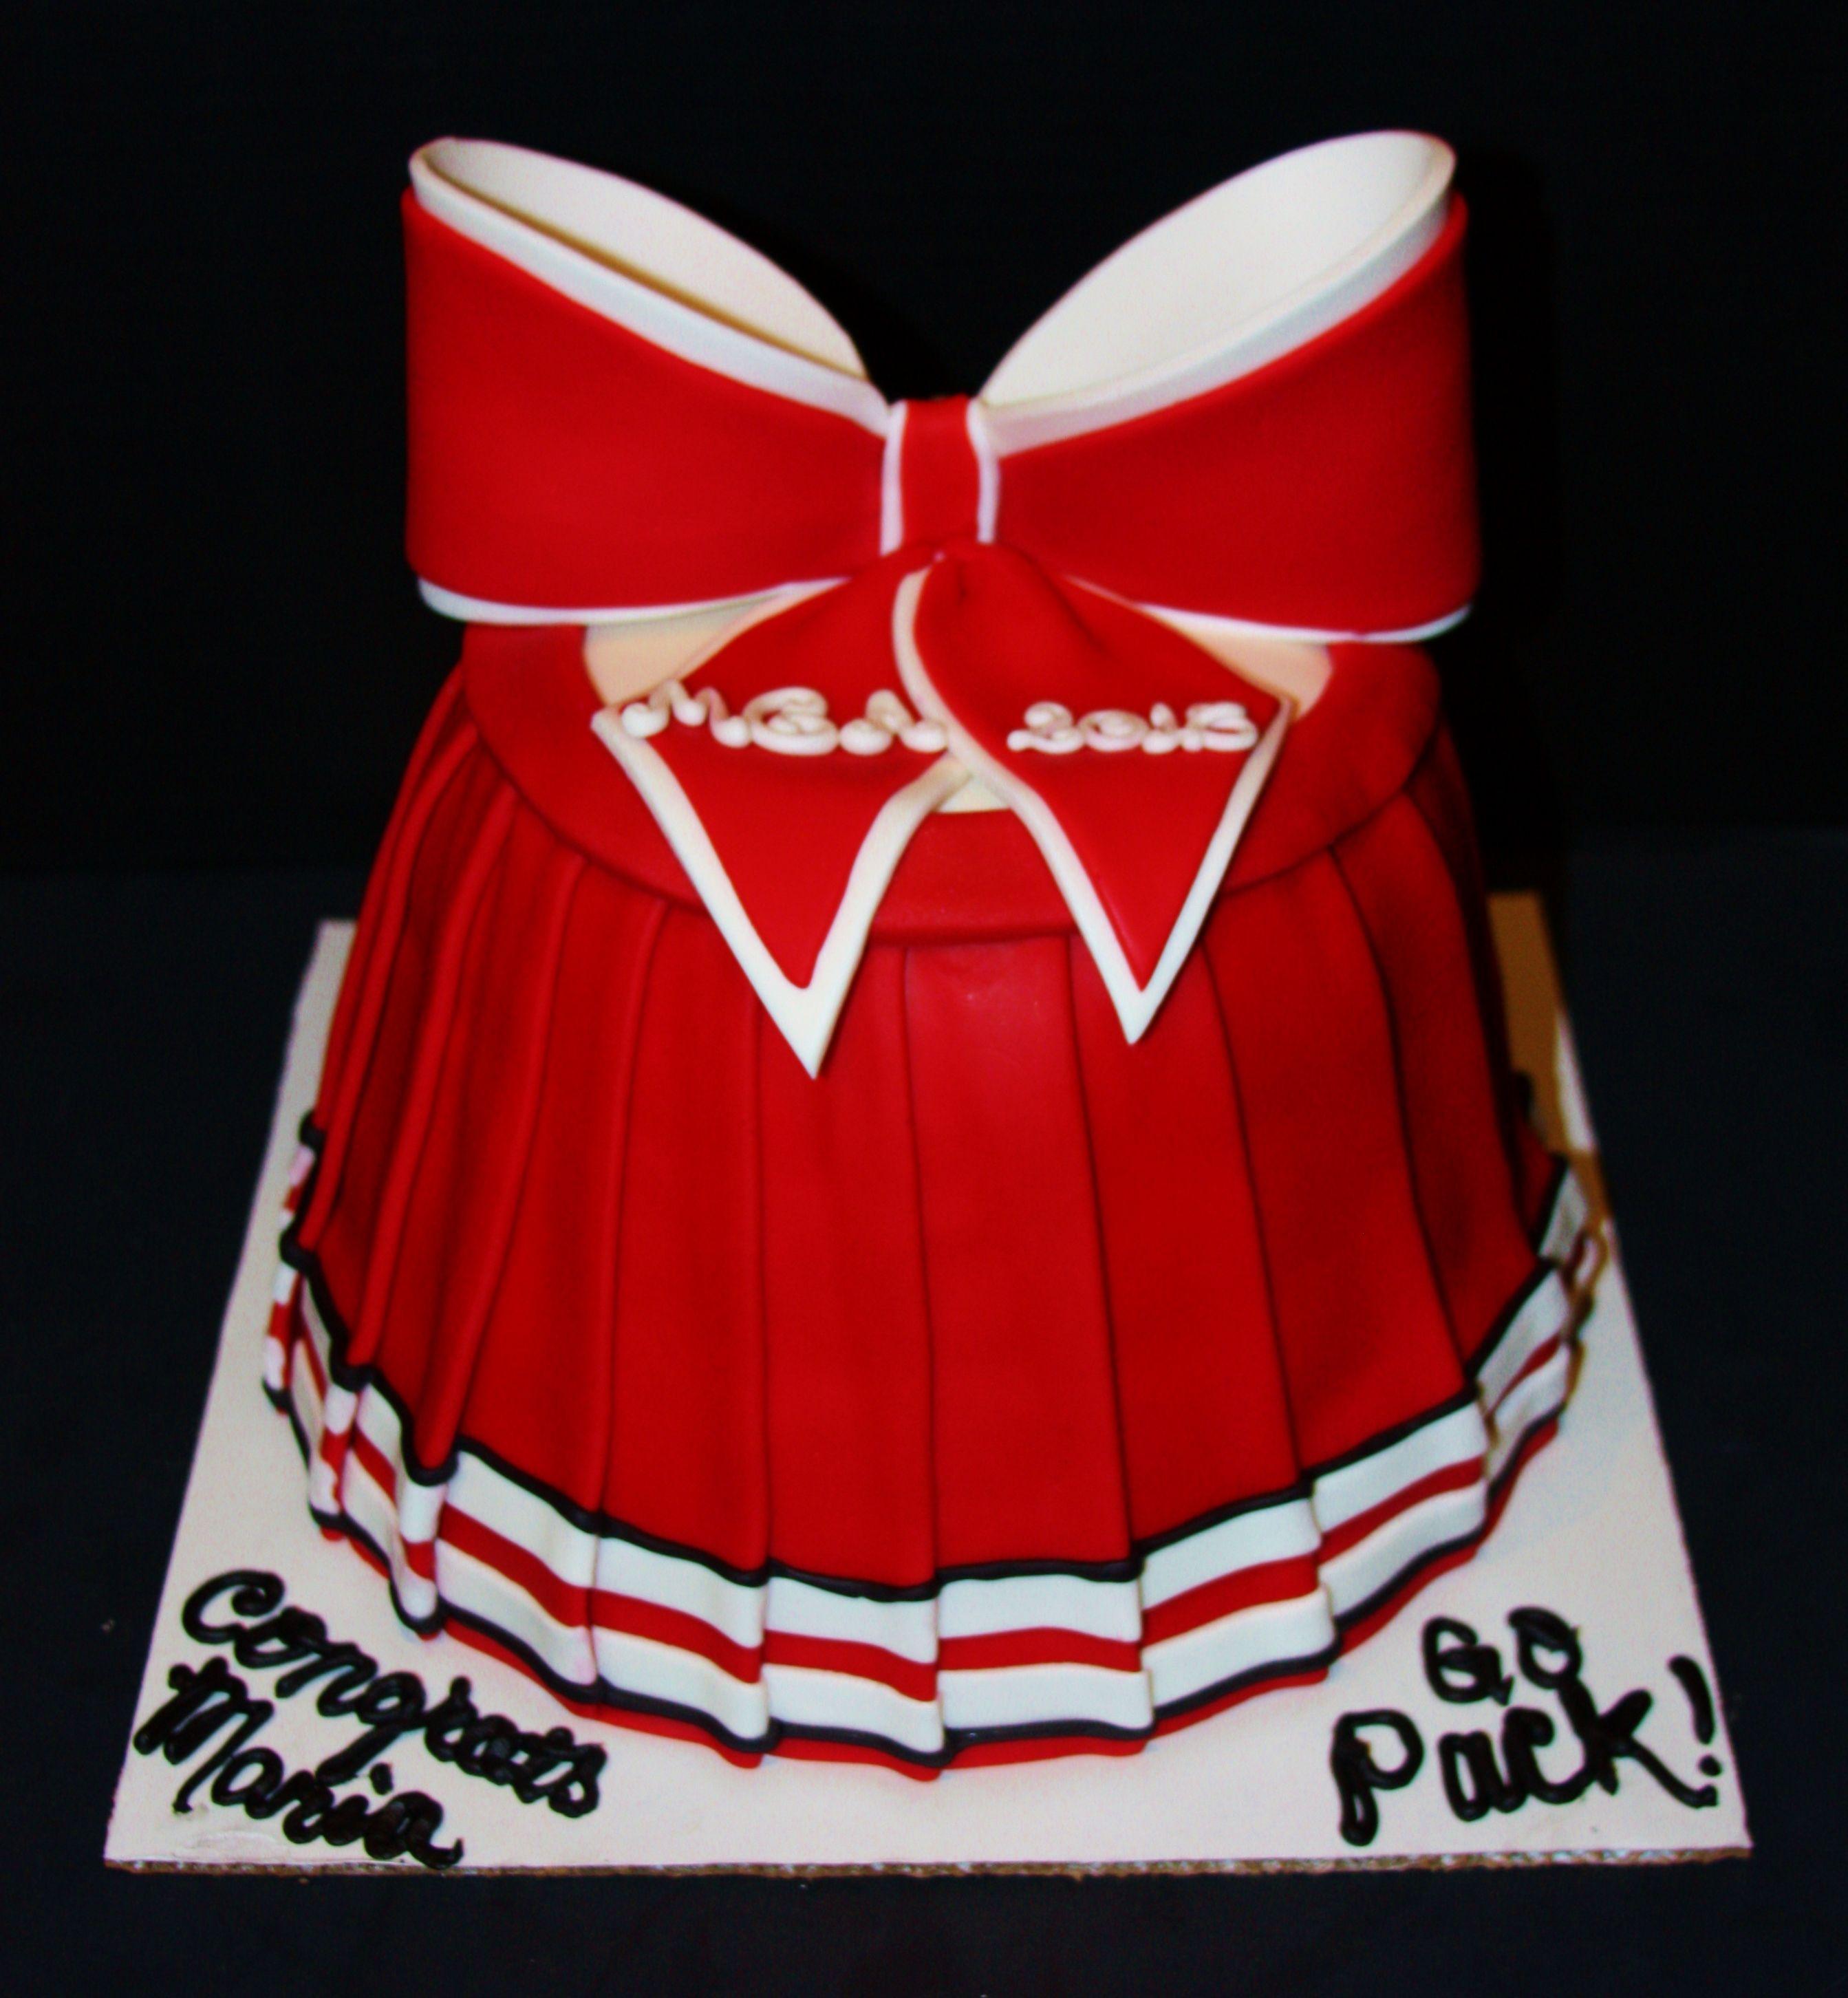 Ice Cream And Cake Cheerleading Dance